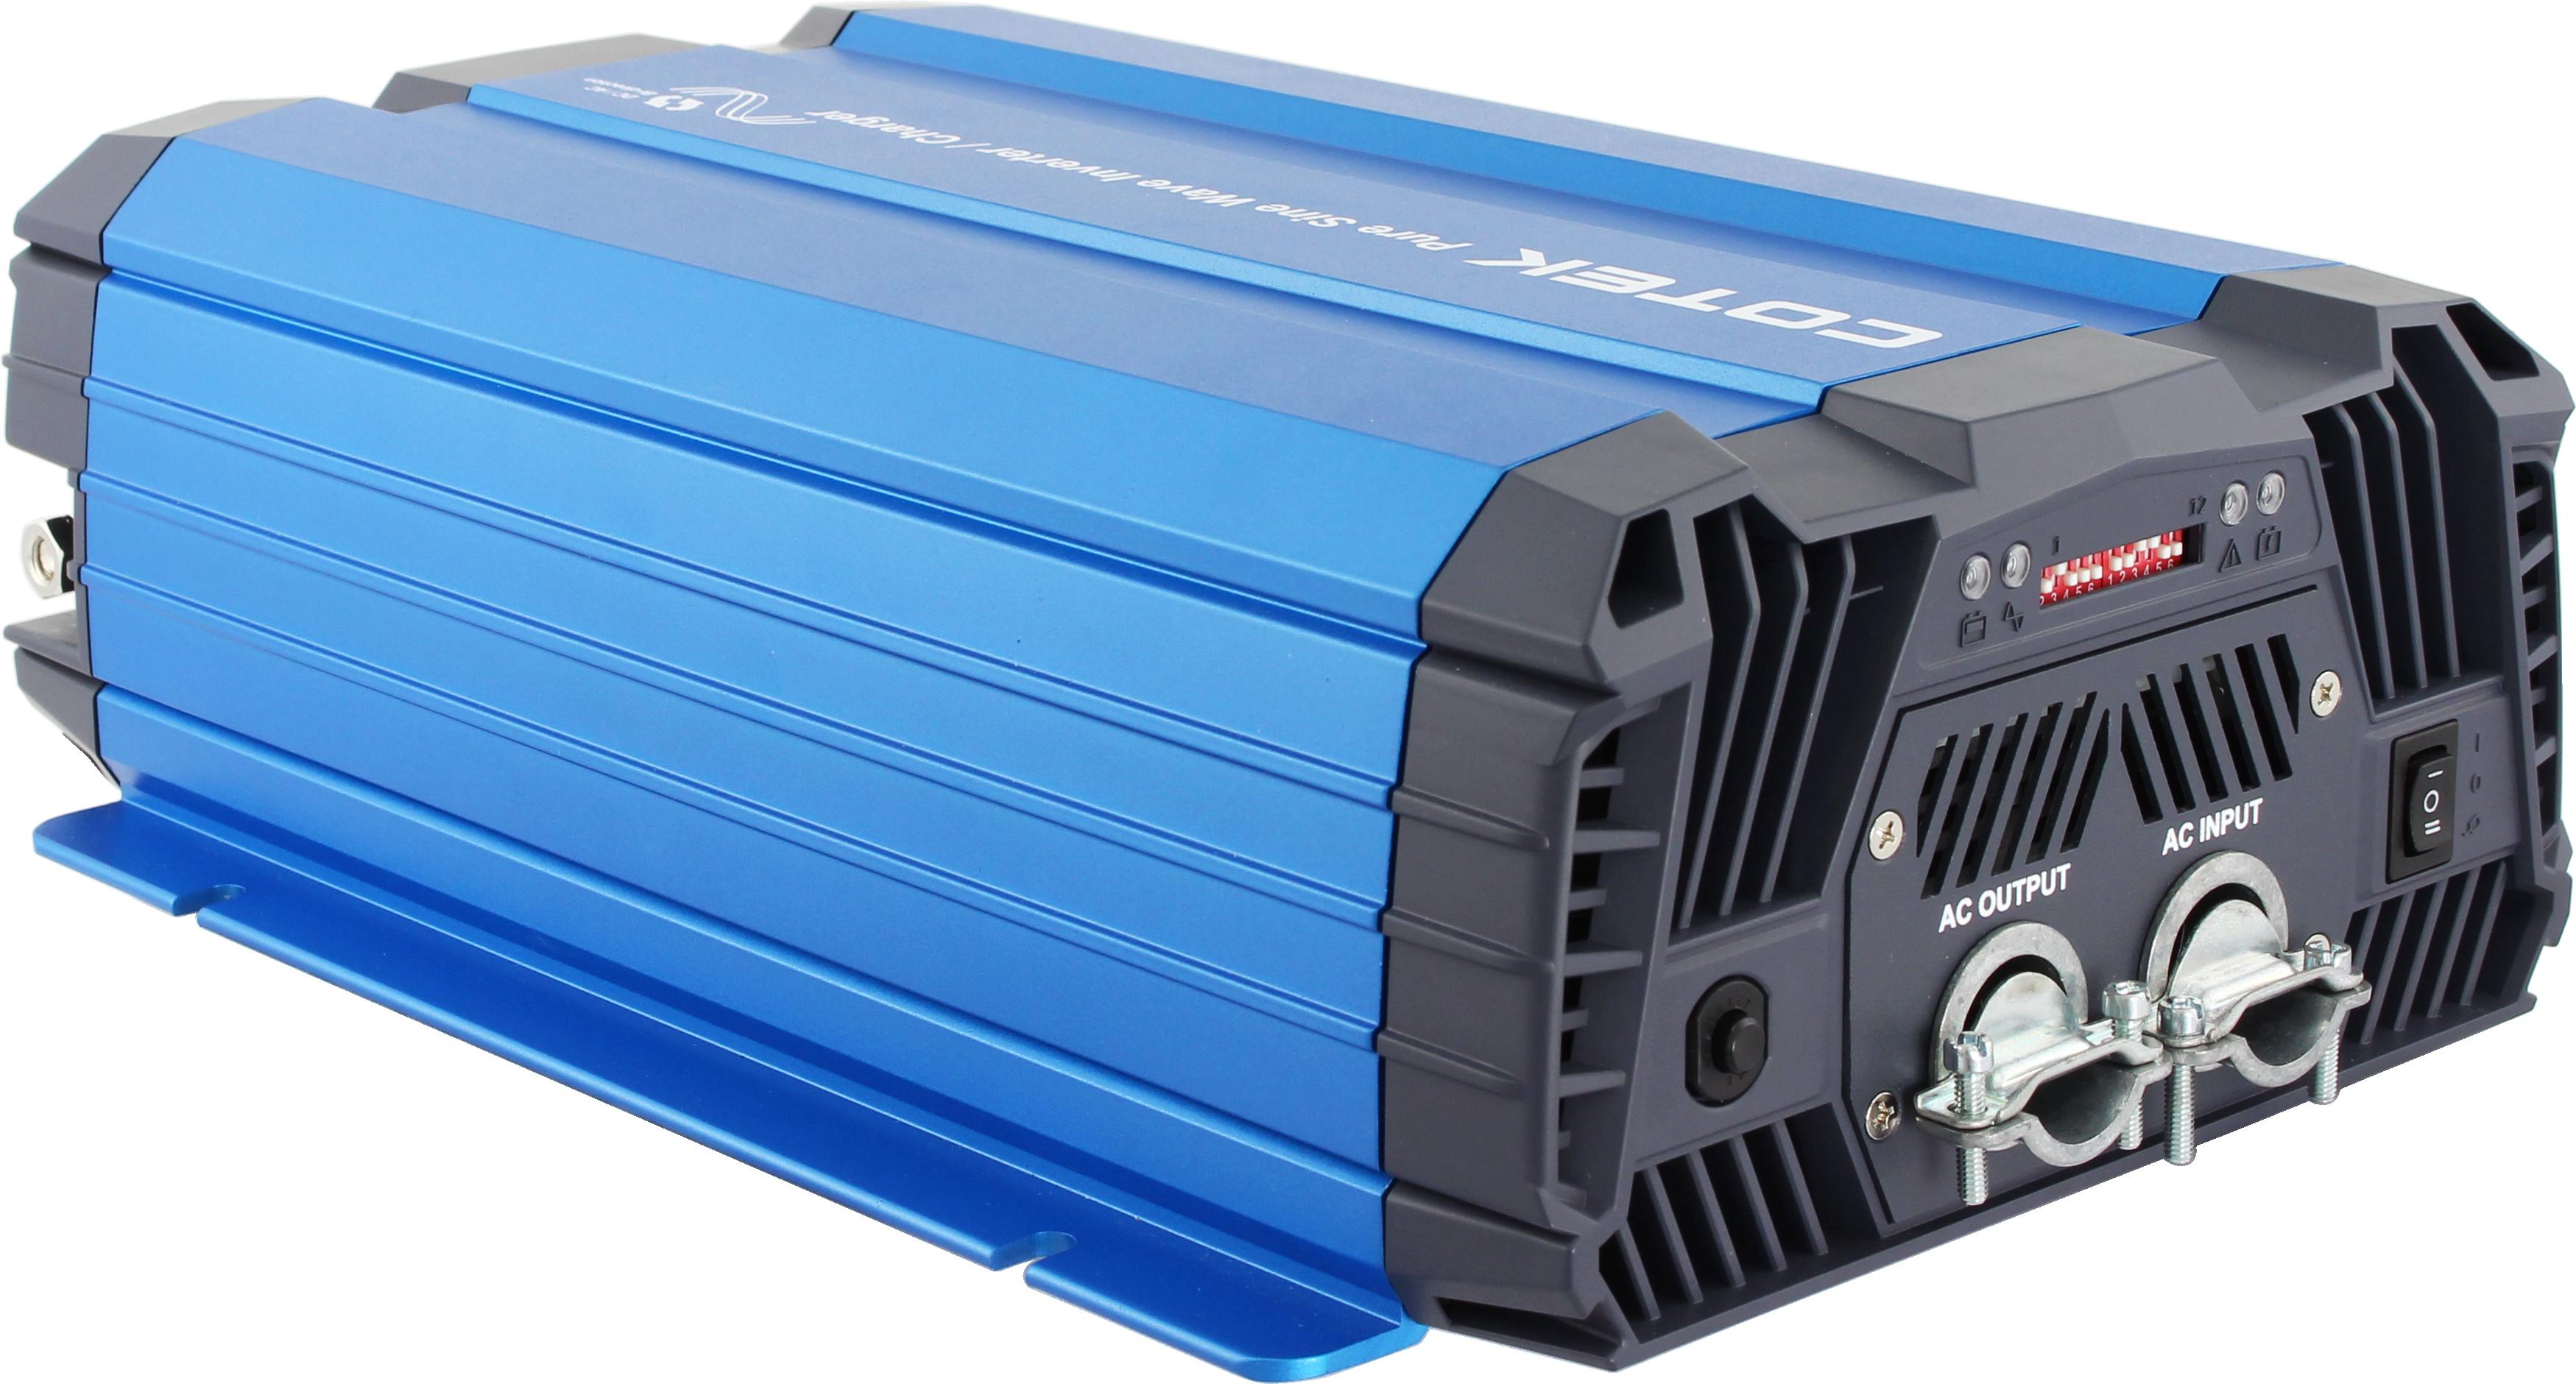 Cotek SC1200-112 Inverter